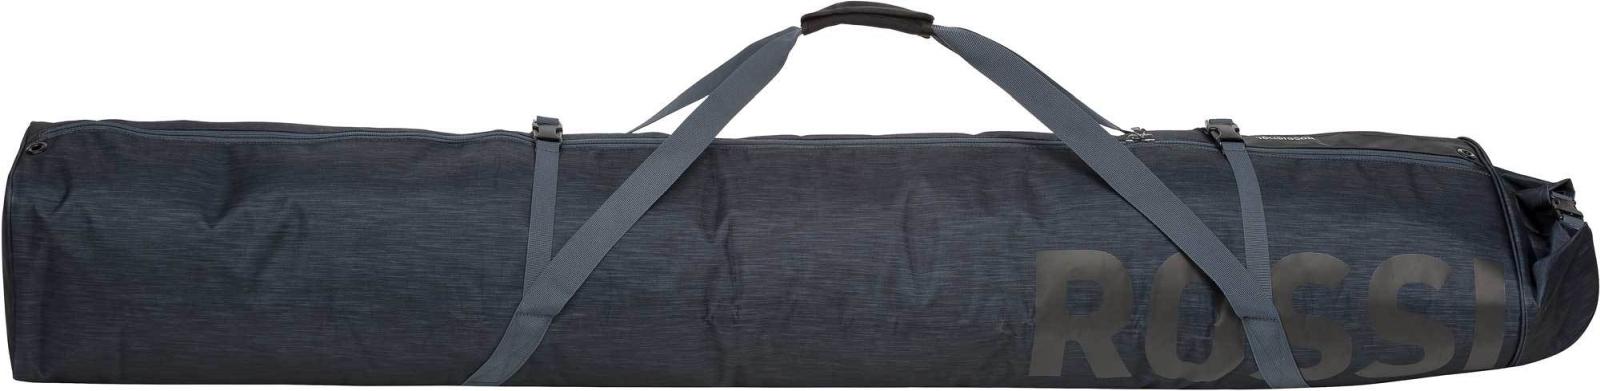 Rossignol Premium Ext 1P Padded 160-210 cm uni